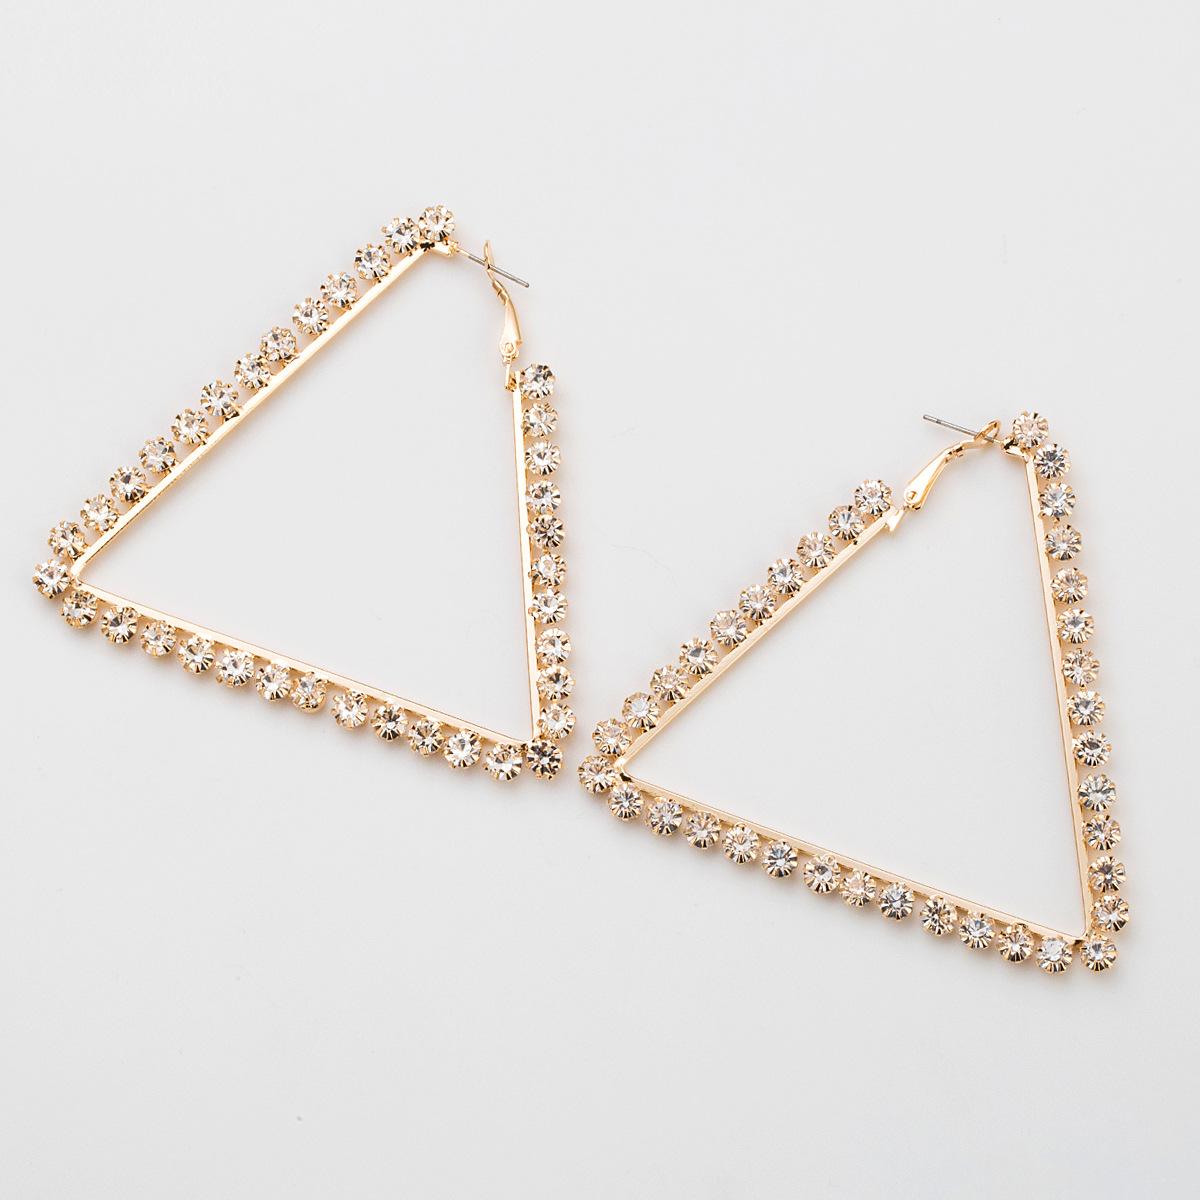 Boucle d39oreille gomtrique de mode acrylique alliage Bijoux de mode NHJE2611Alliage